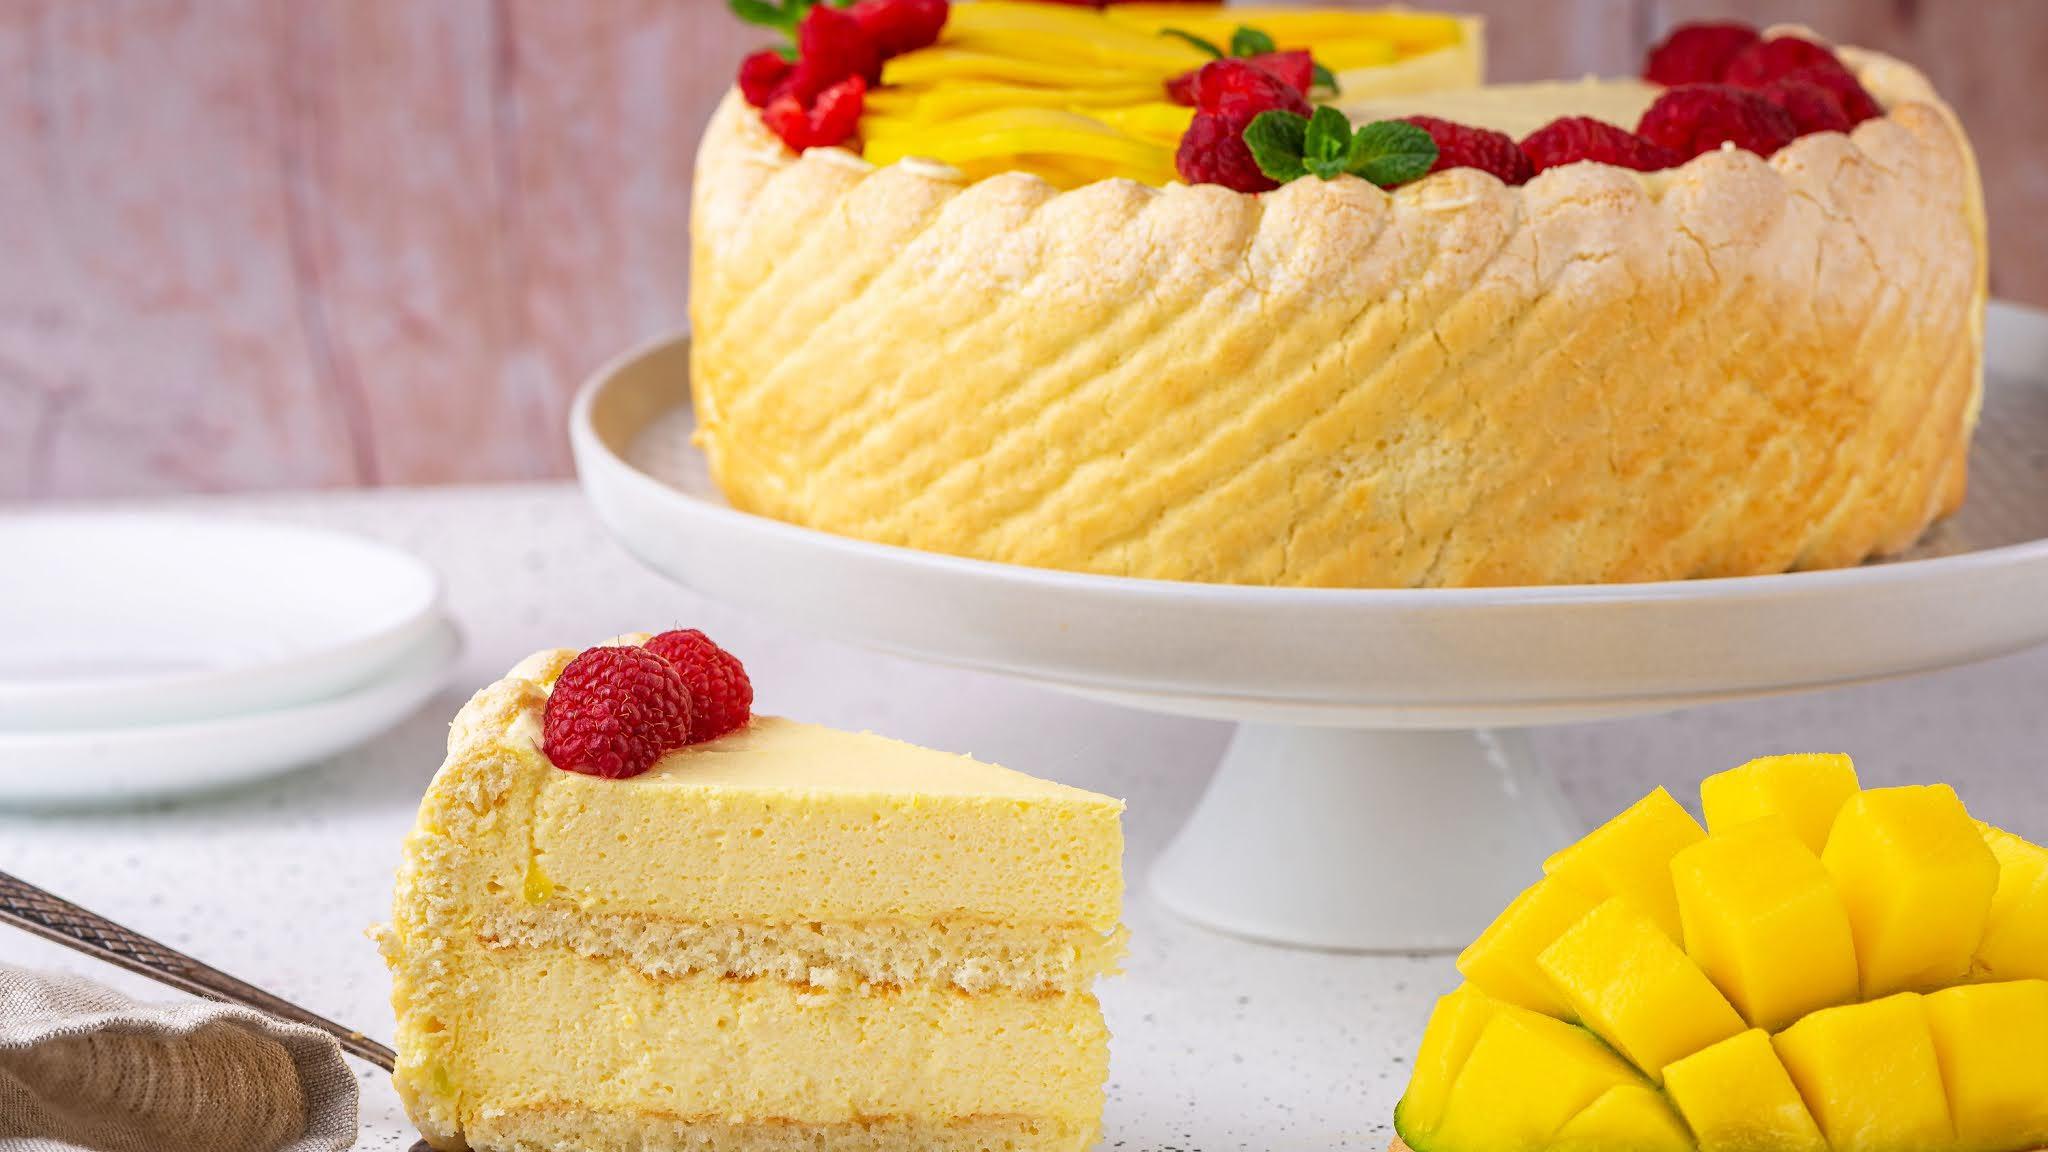 Tasty Mango Mousse Whithout Bake Cake Recipe